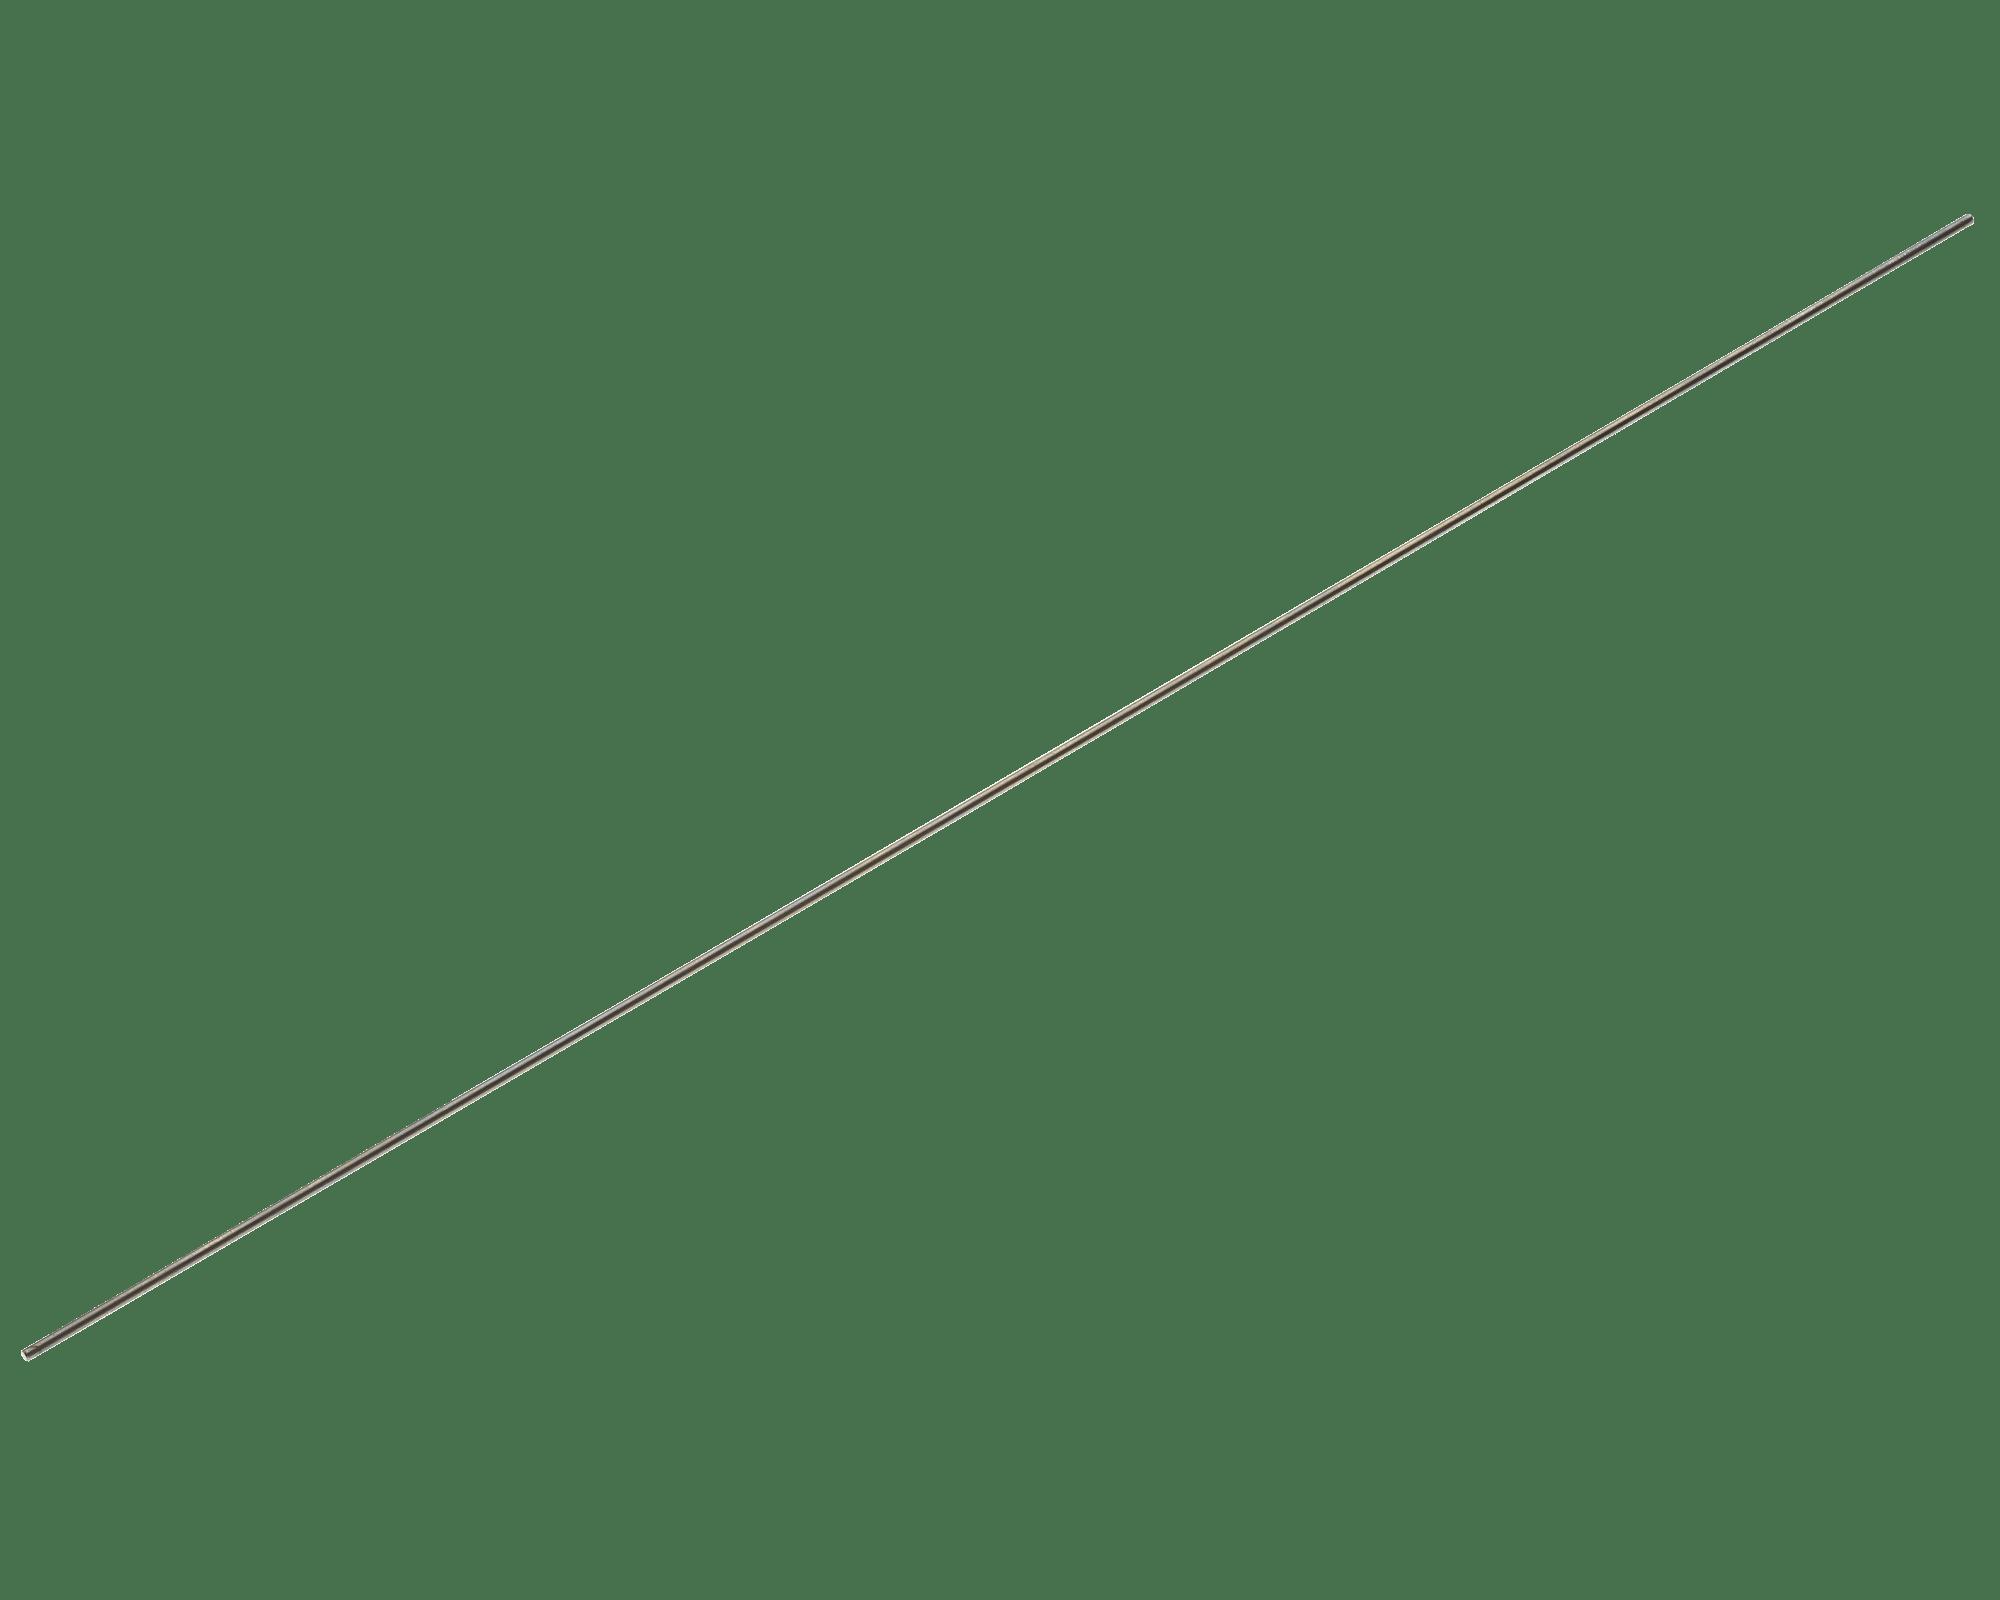 """ER0220 Electrode Rod <br>1/16"""" OD, 12"""" Length <br> Molybdenum"""